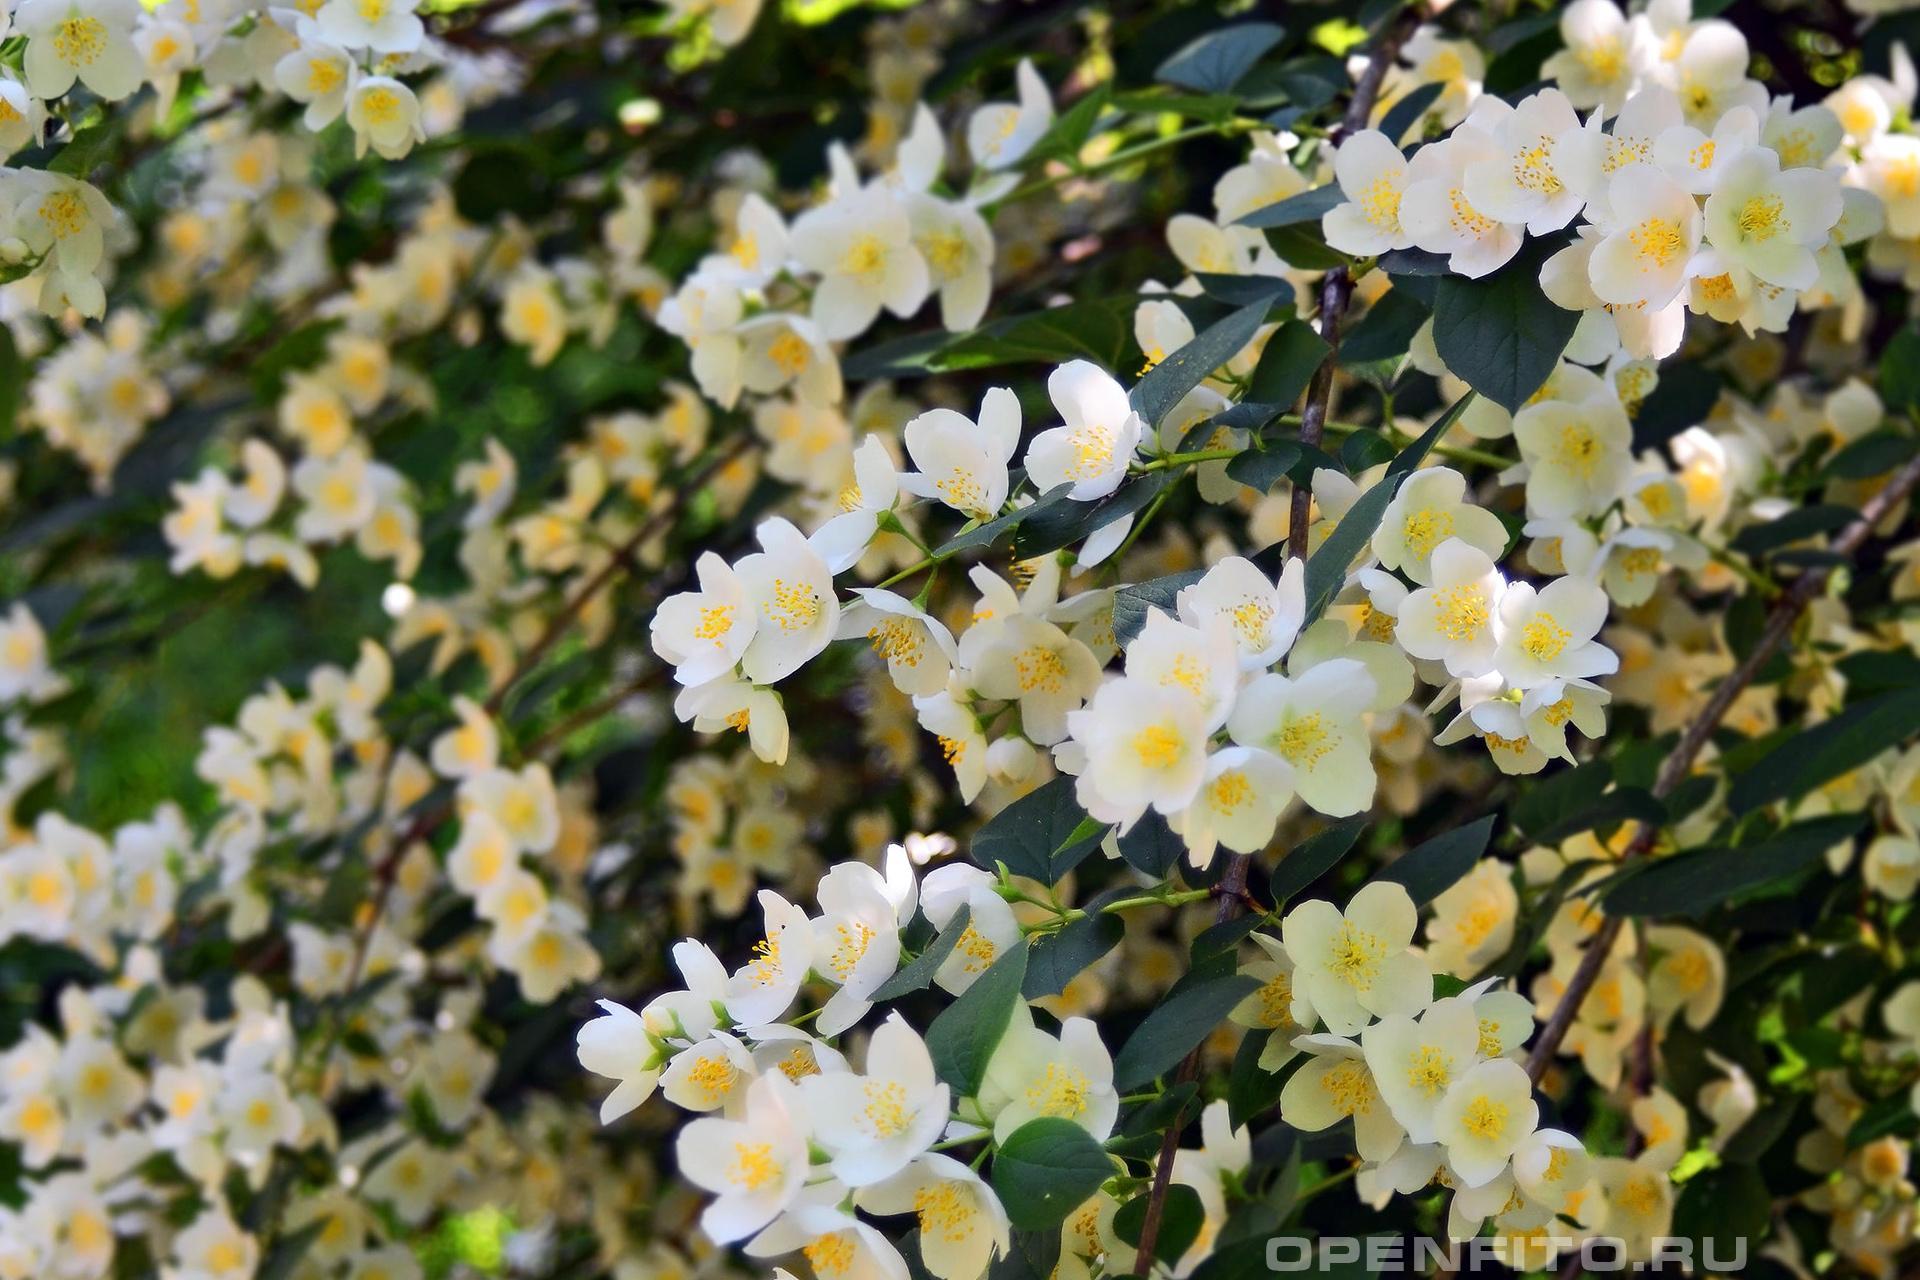 Чубушник венечный очень красивое и ароматное растение